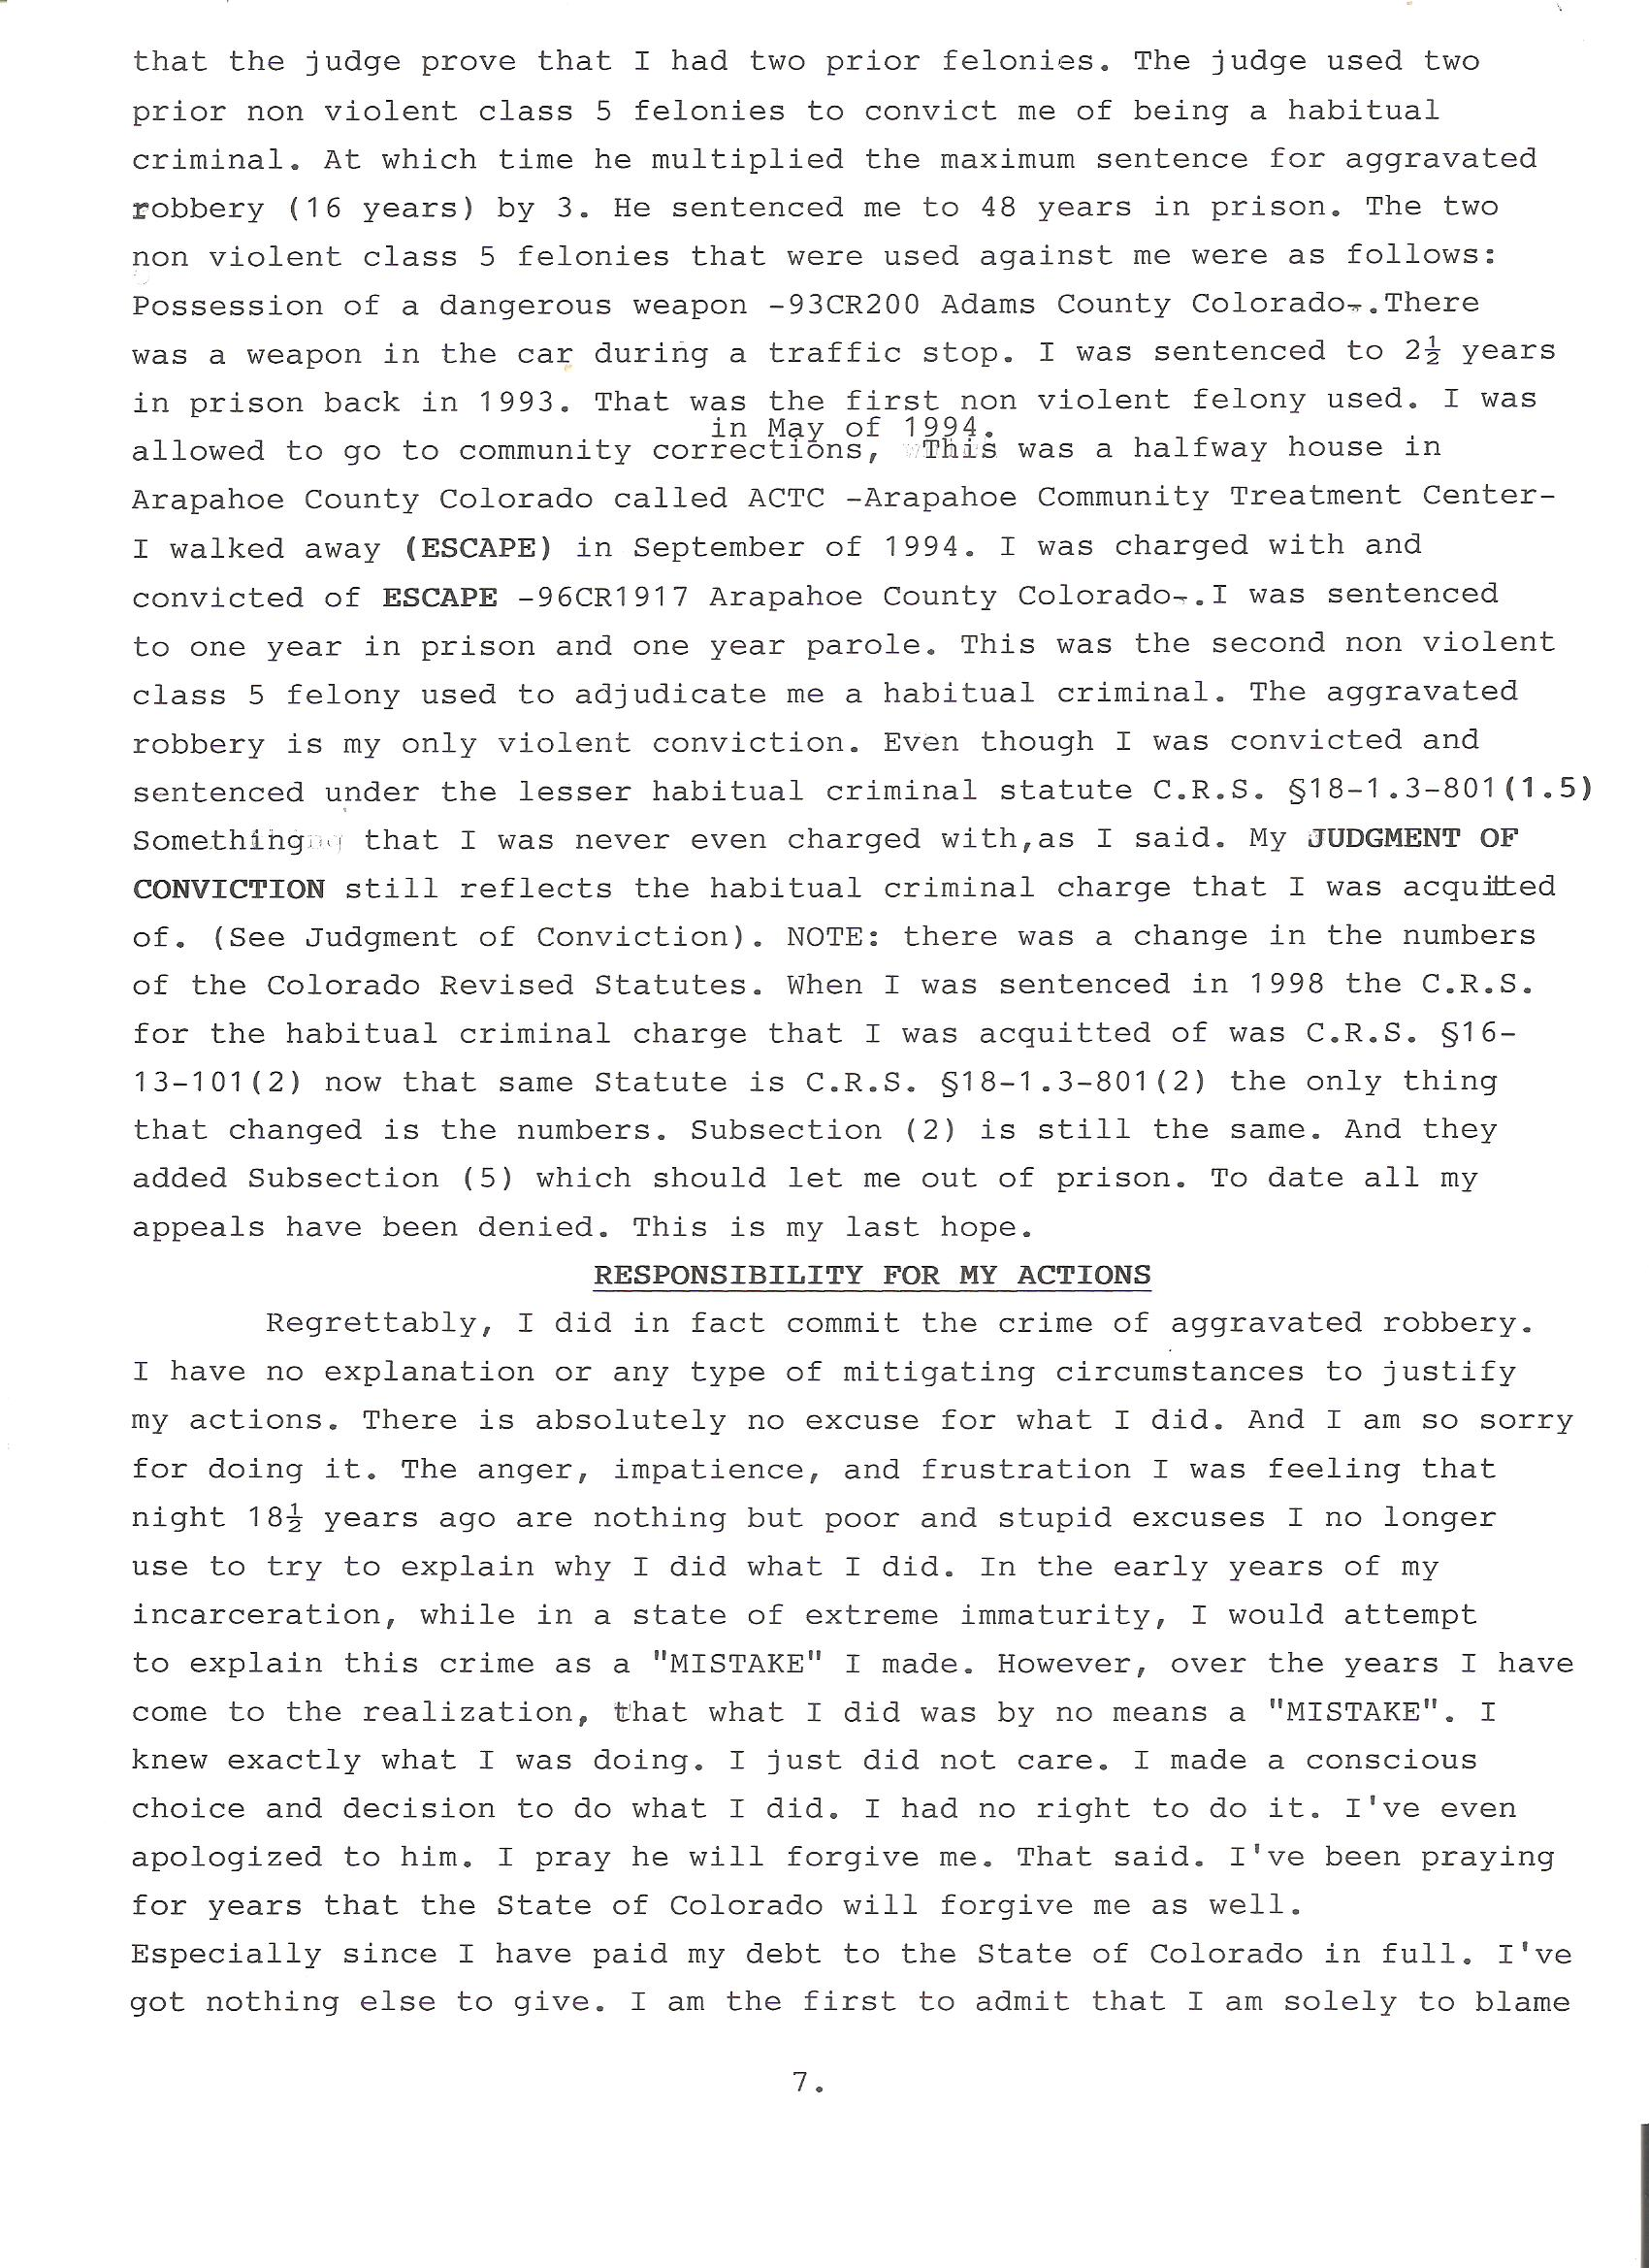 Jistice For Harold in Colorado page 7 001